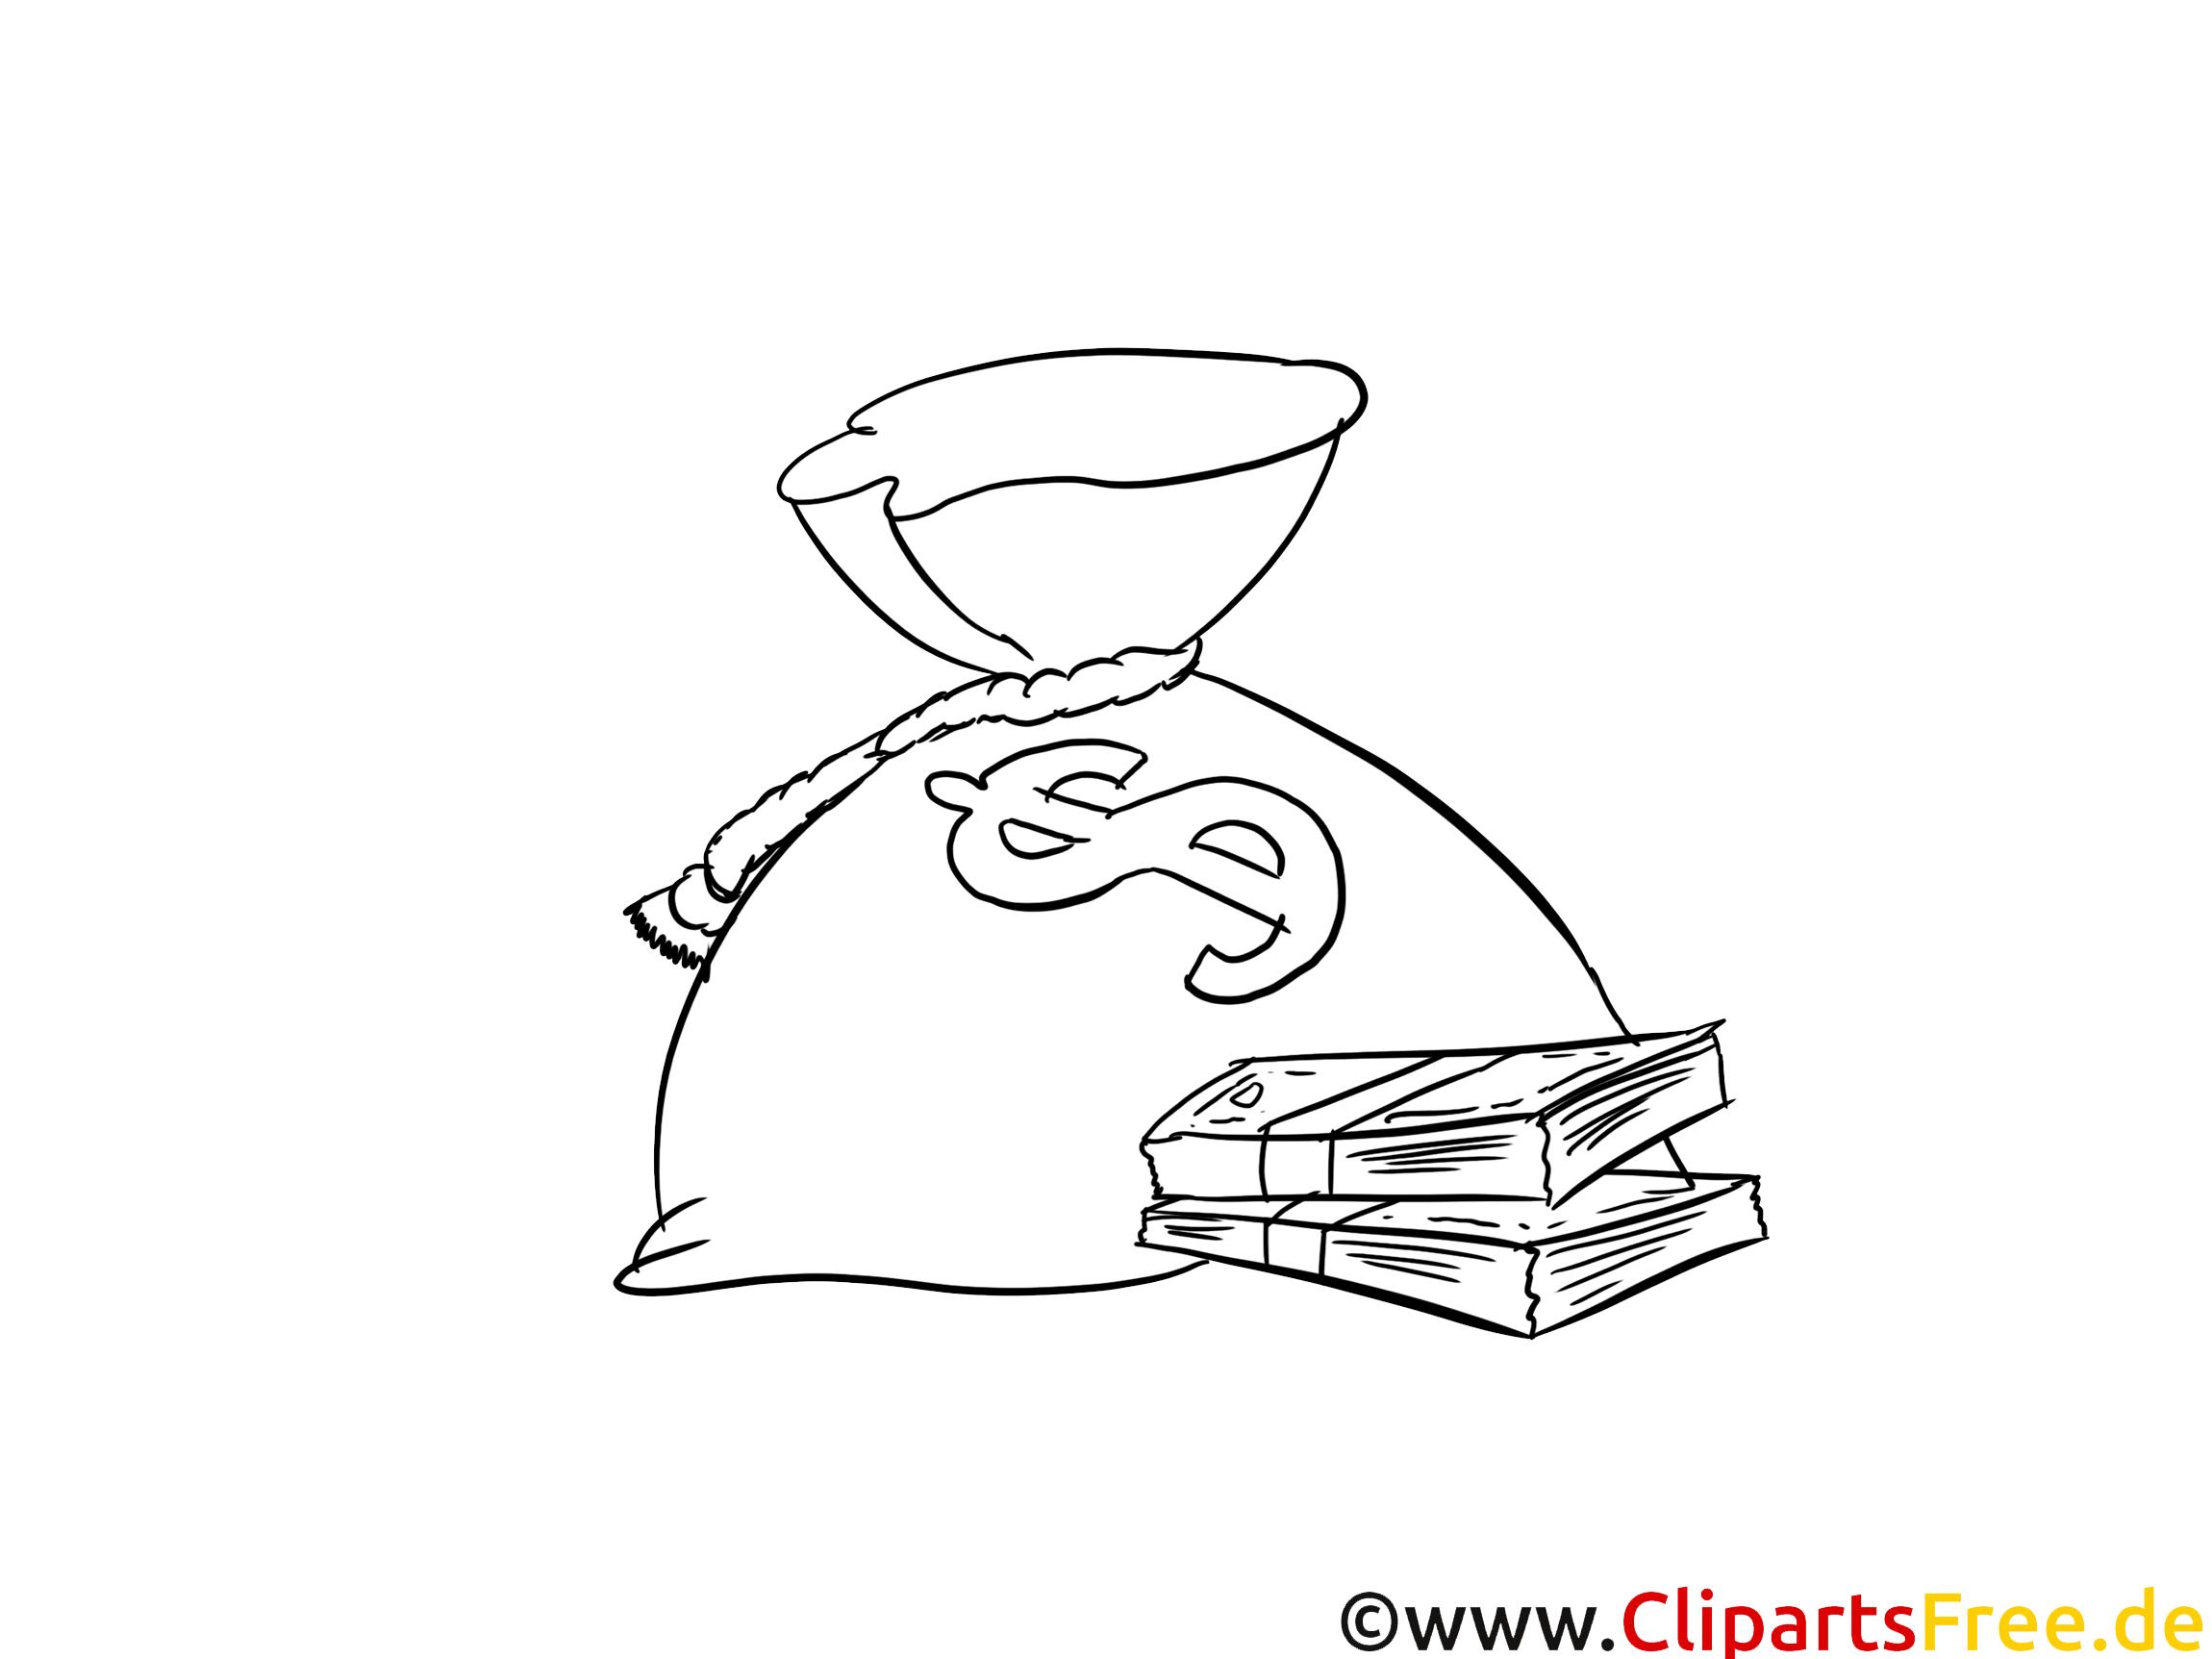 Geld-Sack Bild Malvorlage zum Drucken